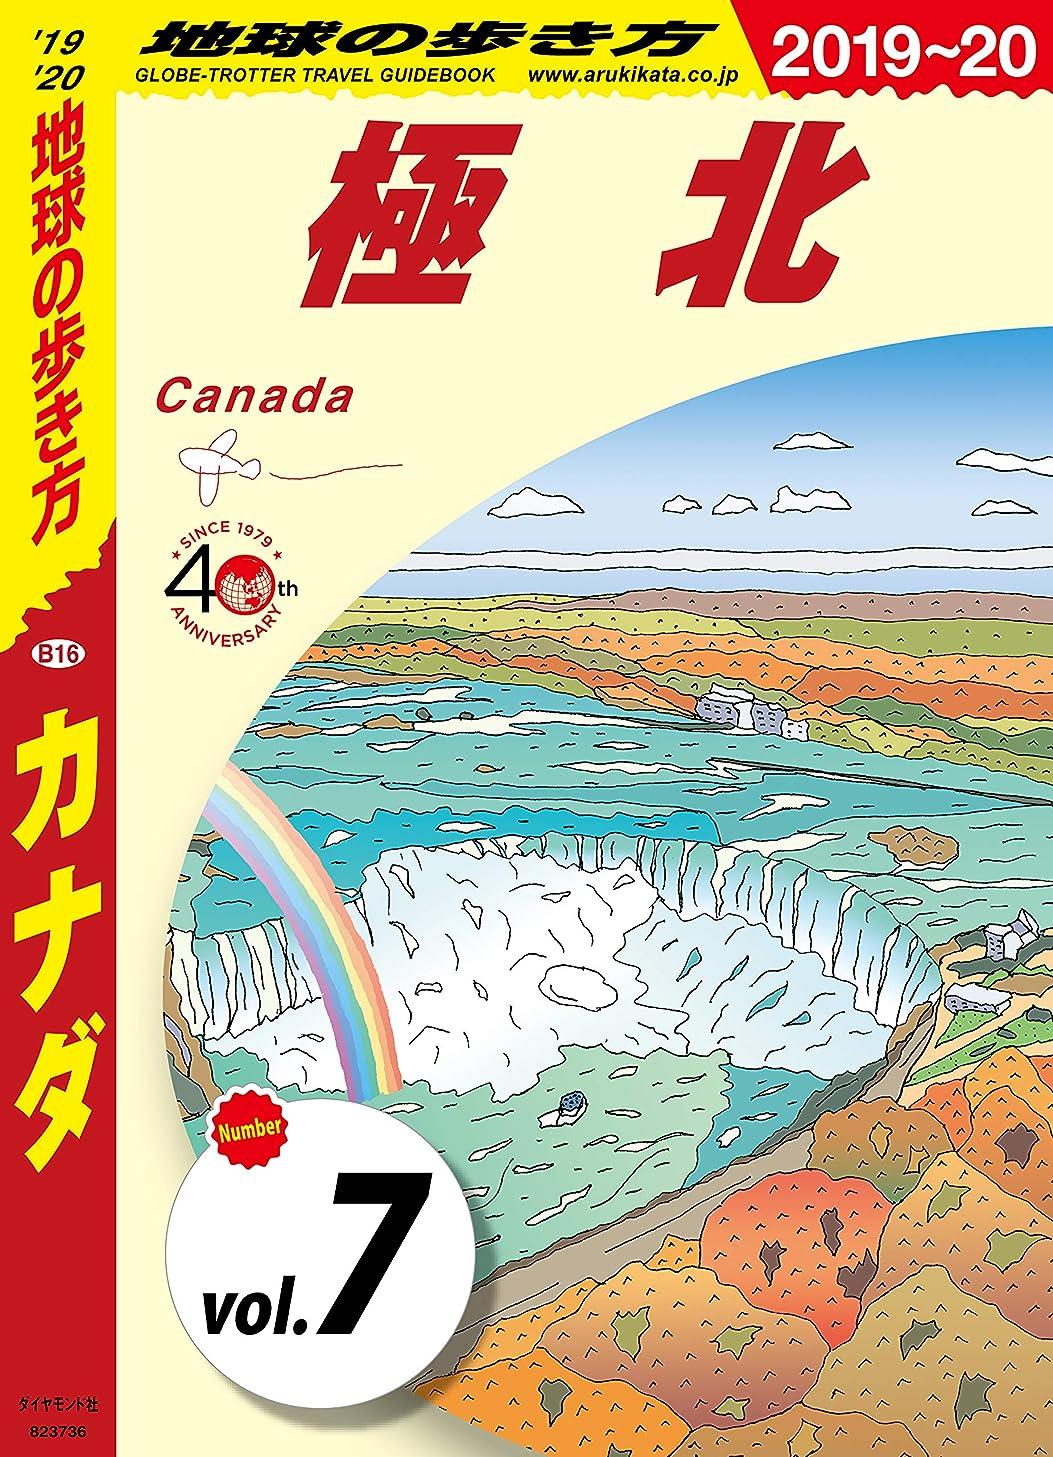 伝える鋸歯状追跡地球の歩き方 B16 カナダ 2019-2020 【分冊】 7 極北 カナダ分冊版